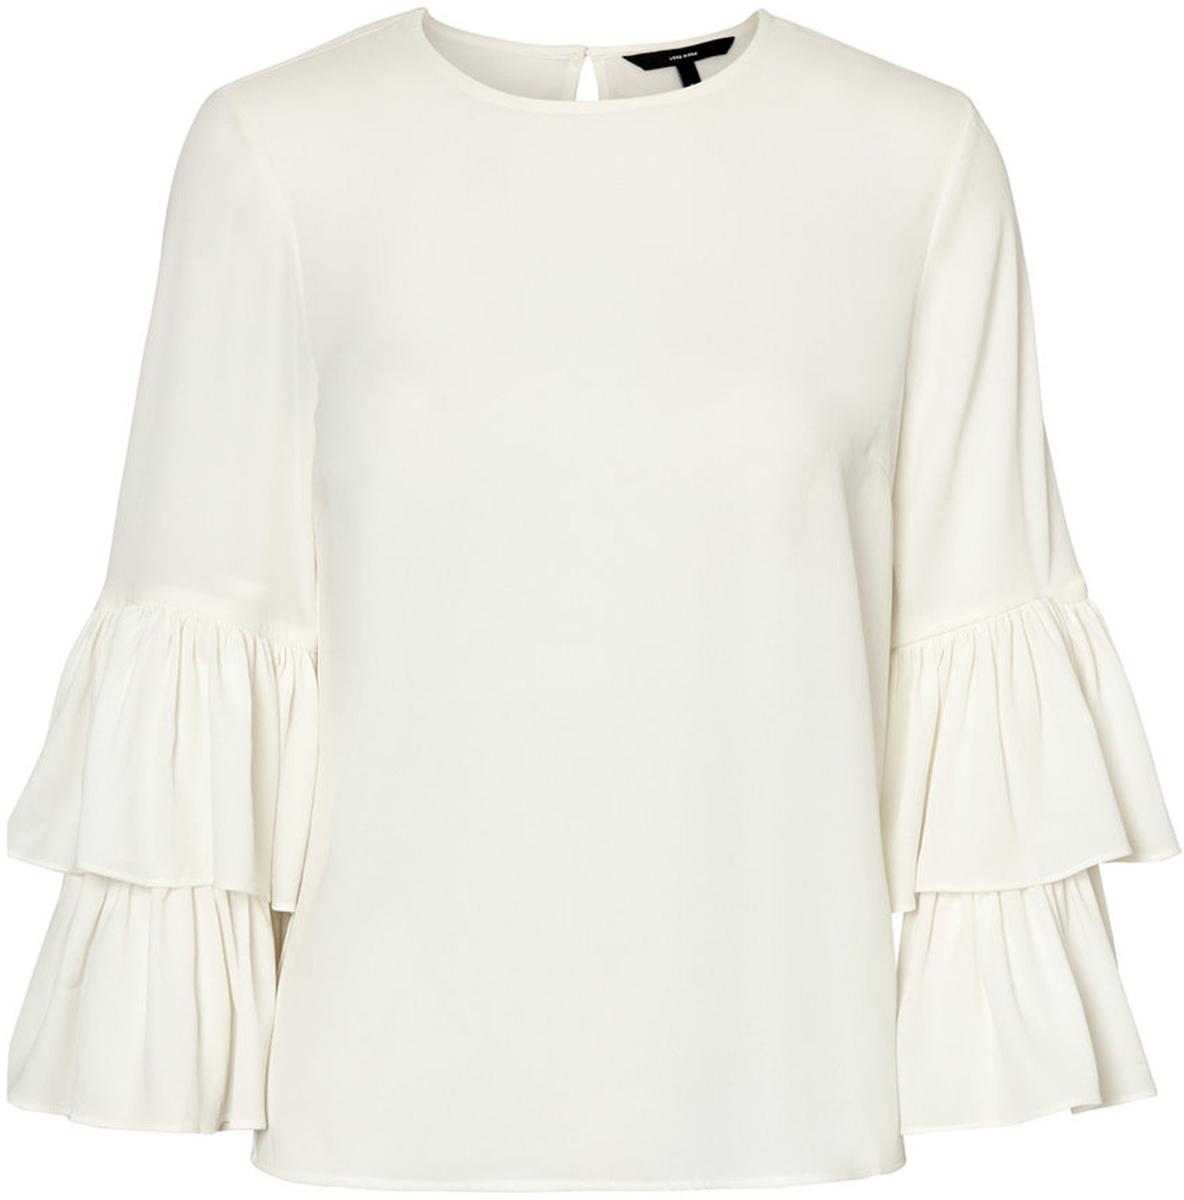 Блузка женская Vero Moda, цвет: белый. 10186367_Snow White. Размер S (42/44)10186367_Snow WhiteЖенская блузка с круглым вырезом горловины сзади застегивается на пуговицу.